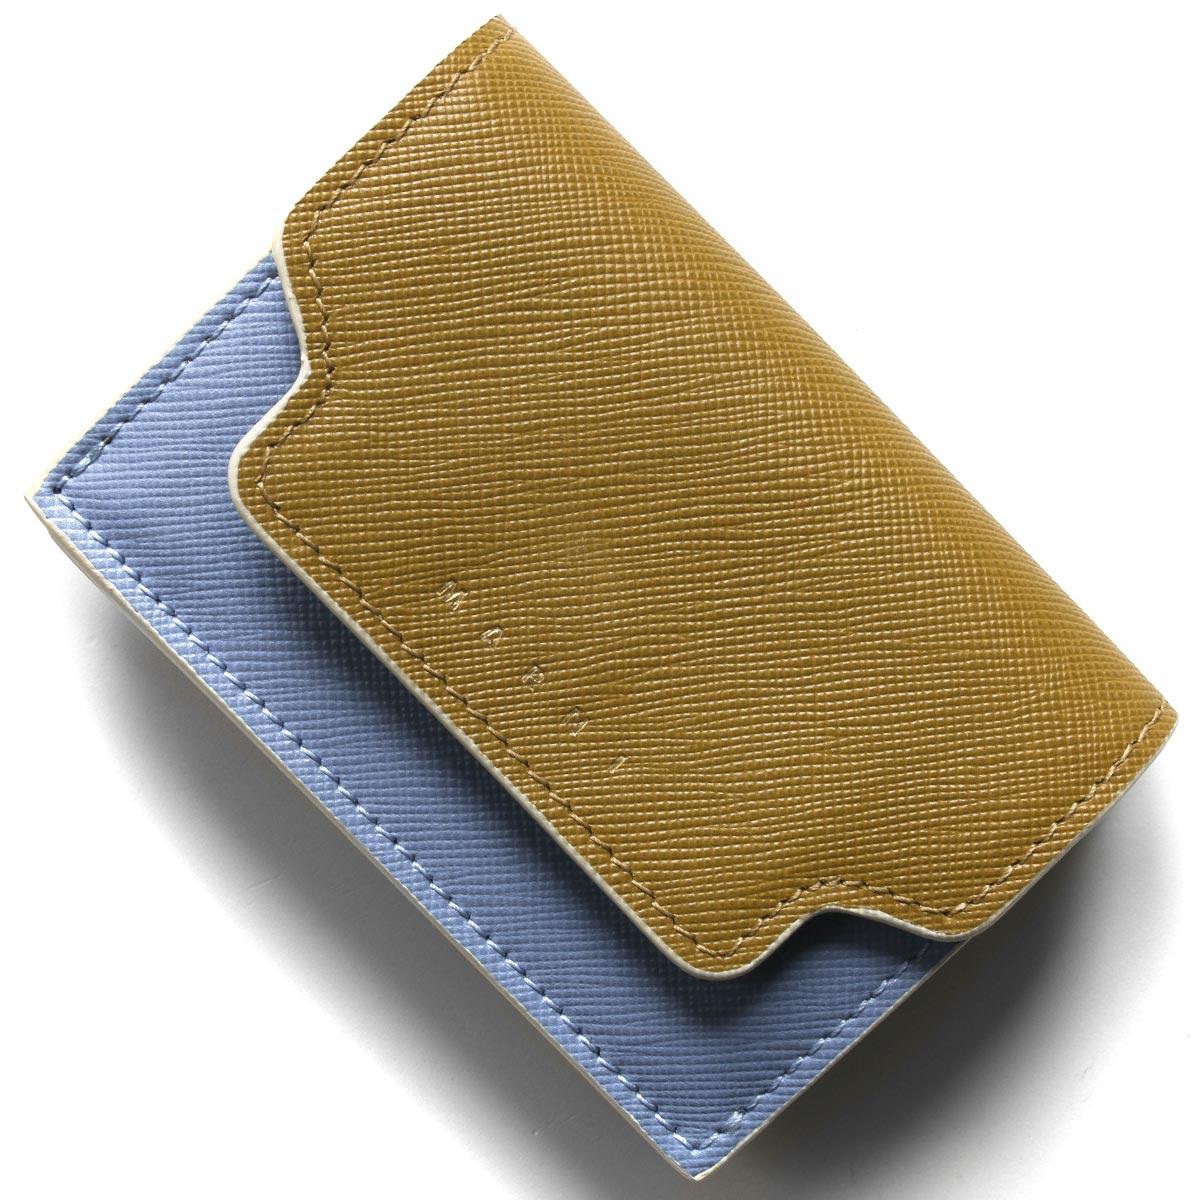 マルニ 三つ折り財布/ミニ財布 財布 レディース トリフォールド タイムカーキ&オパールライトブルー&オリーブグリーン&デューンベージュ PFMOW02U09 LV520 Z274I 2020年春夏新作 MARNI